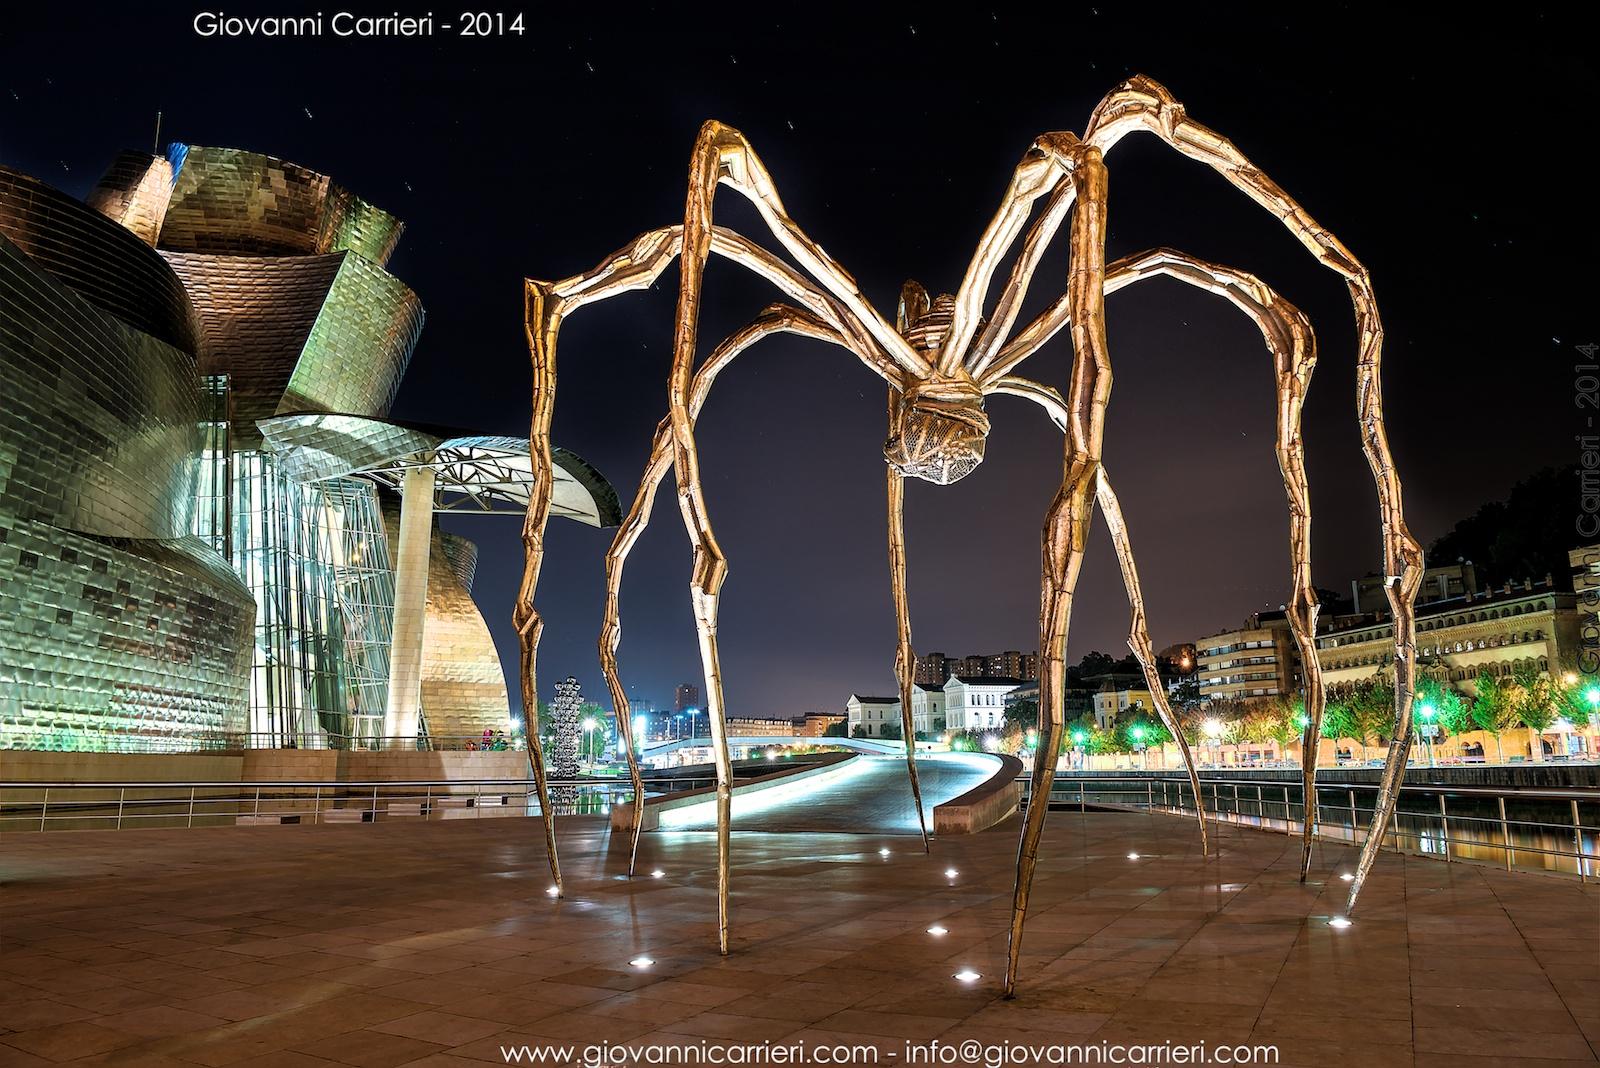 Il ragno di Bourgeois, scultura esterna del museo Guggenheim